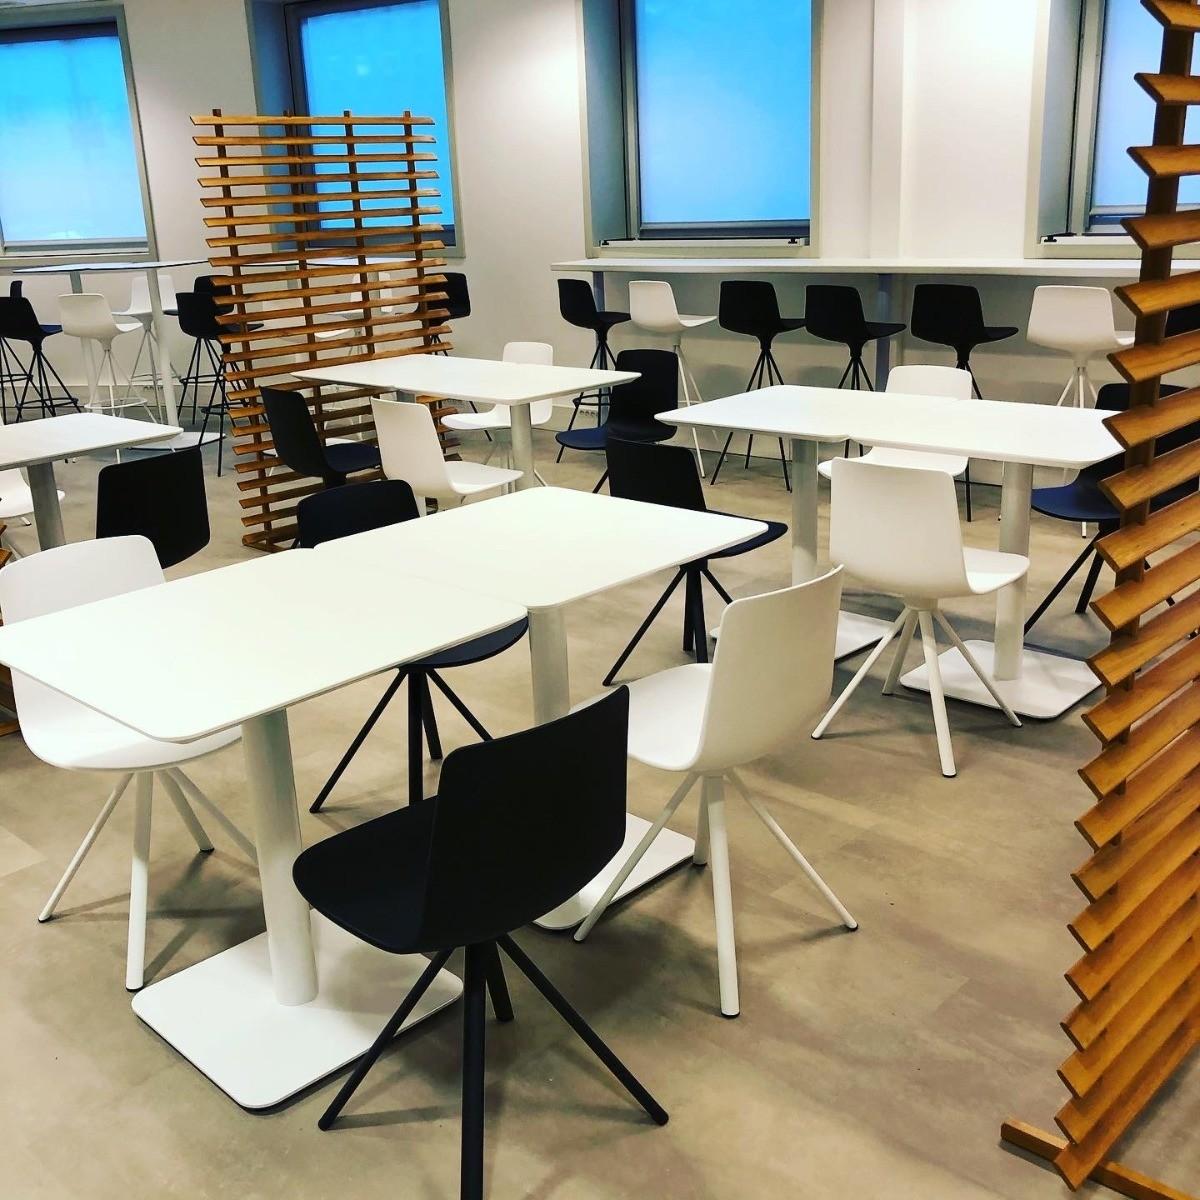 Tables de restauration sur-mesure Corbetta Salvatore et chaises Lottus